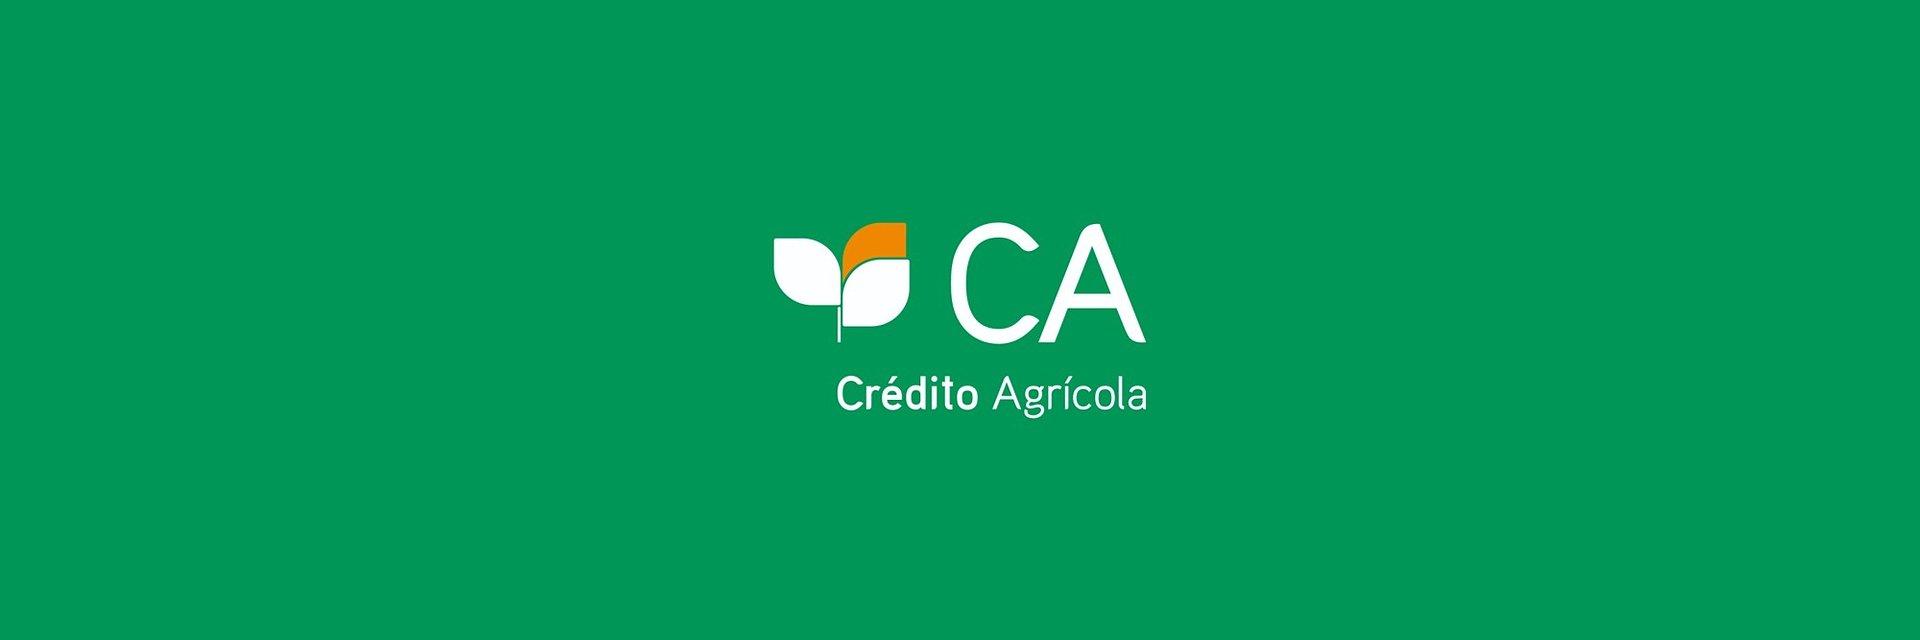 Crédito Agrícola quer afirmar-se como referência de inclusão e sustentabilidade